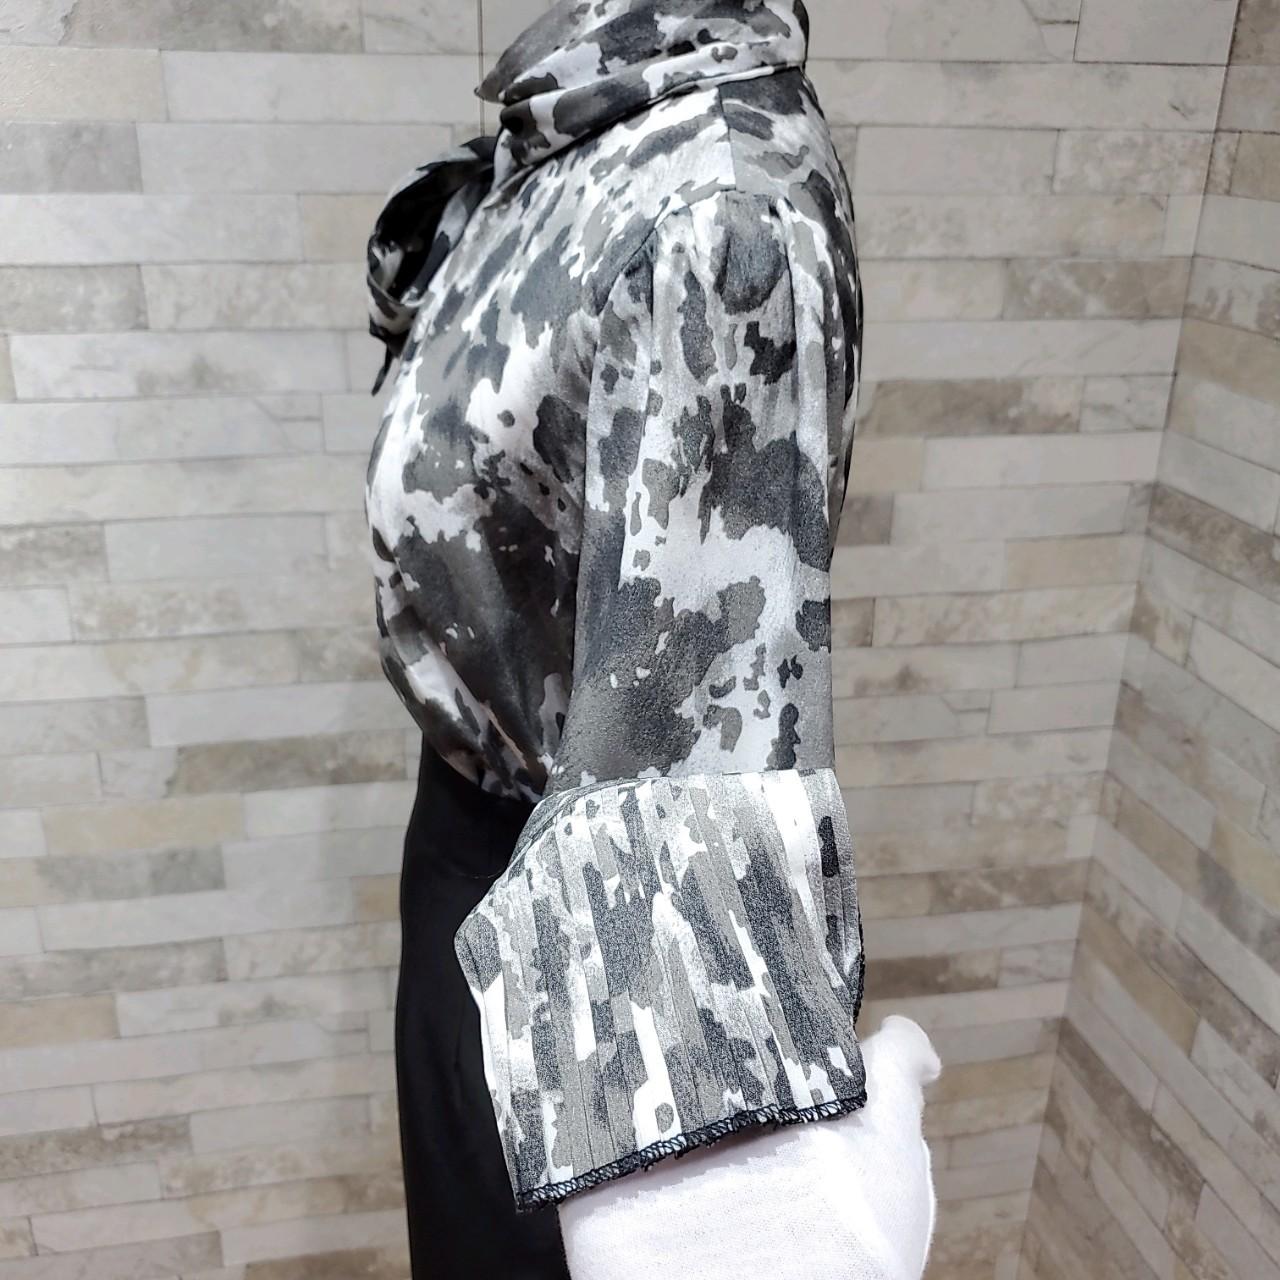 韓国 ファッション パーティードレス 結婚式 お呼ばれドレス セットアップ 秋 冬 春 パーティー ブライダル PTXH515  モノトーン リボン ドレープ タイト オフィ 二次会 セレブ きれいめの写真17枚目